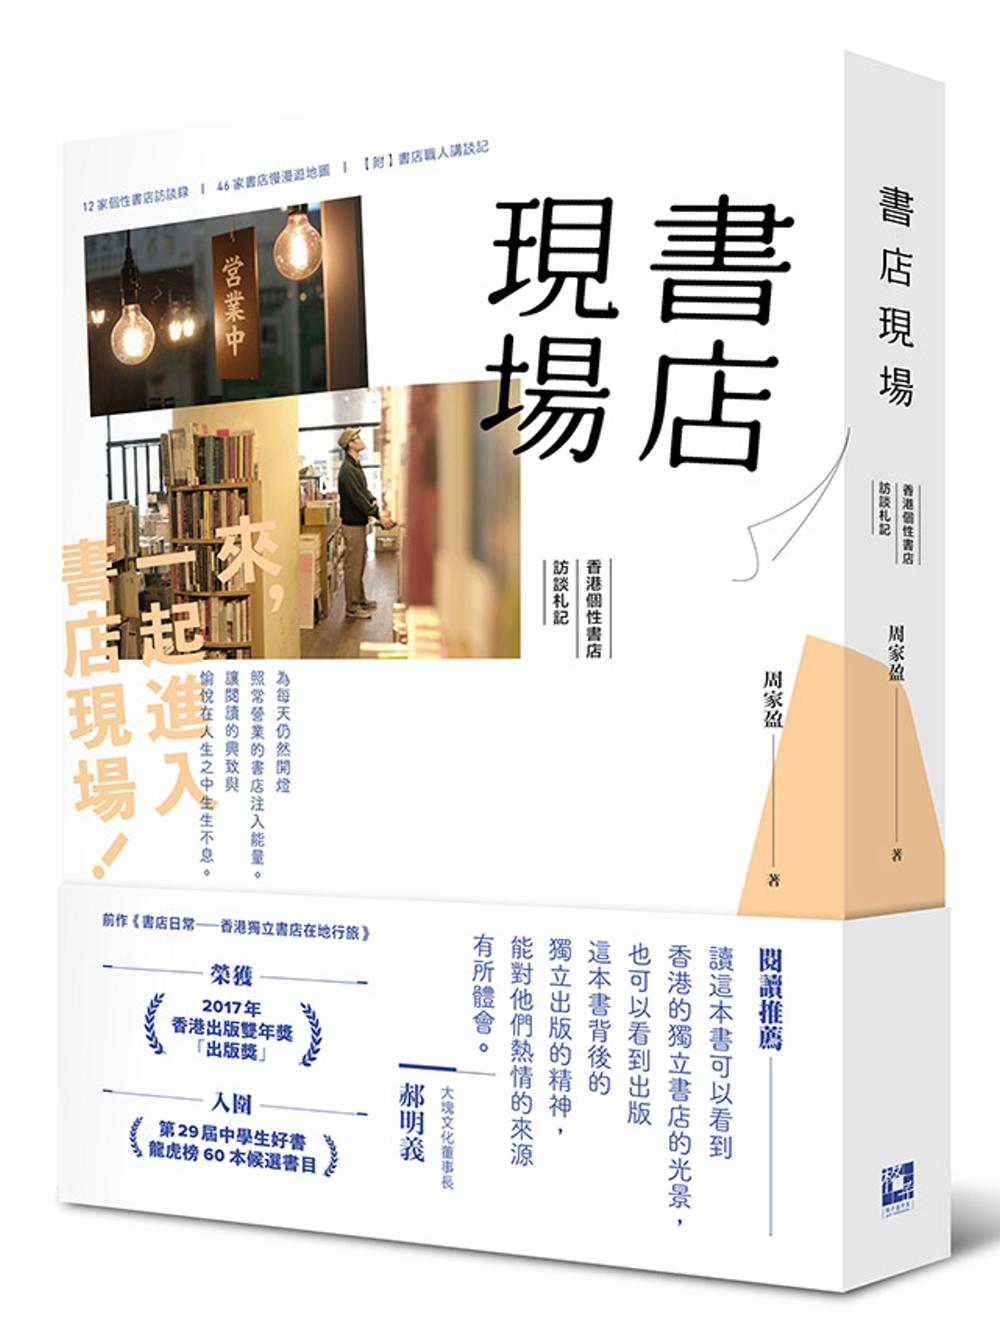 《書店現場:香港個性書店訪談札記》 商品條碼,ISBN:9789887803966